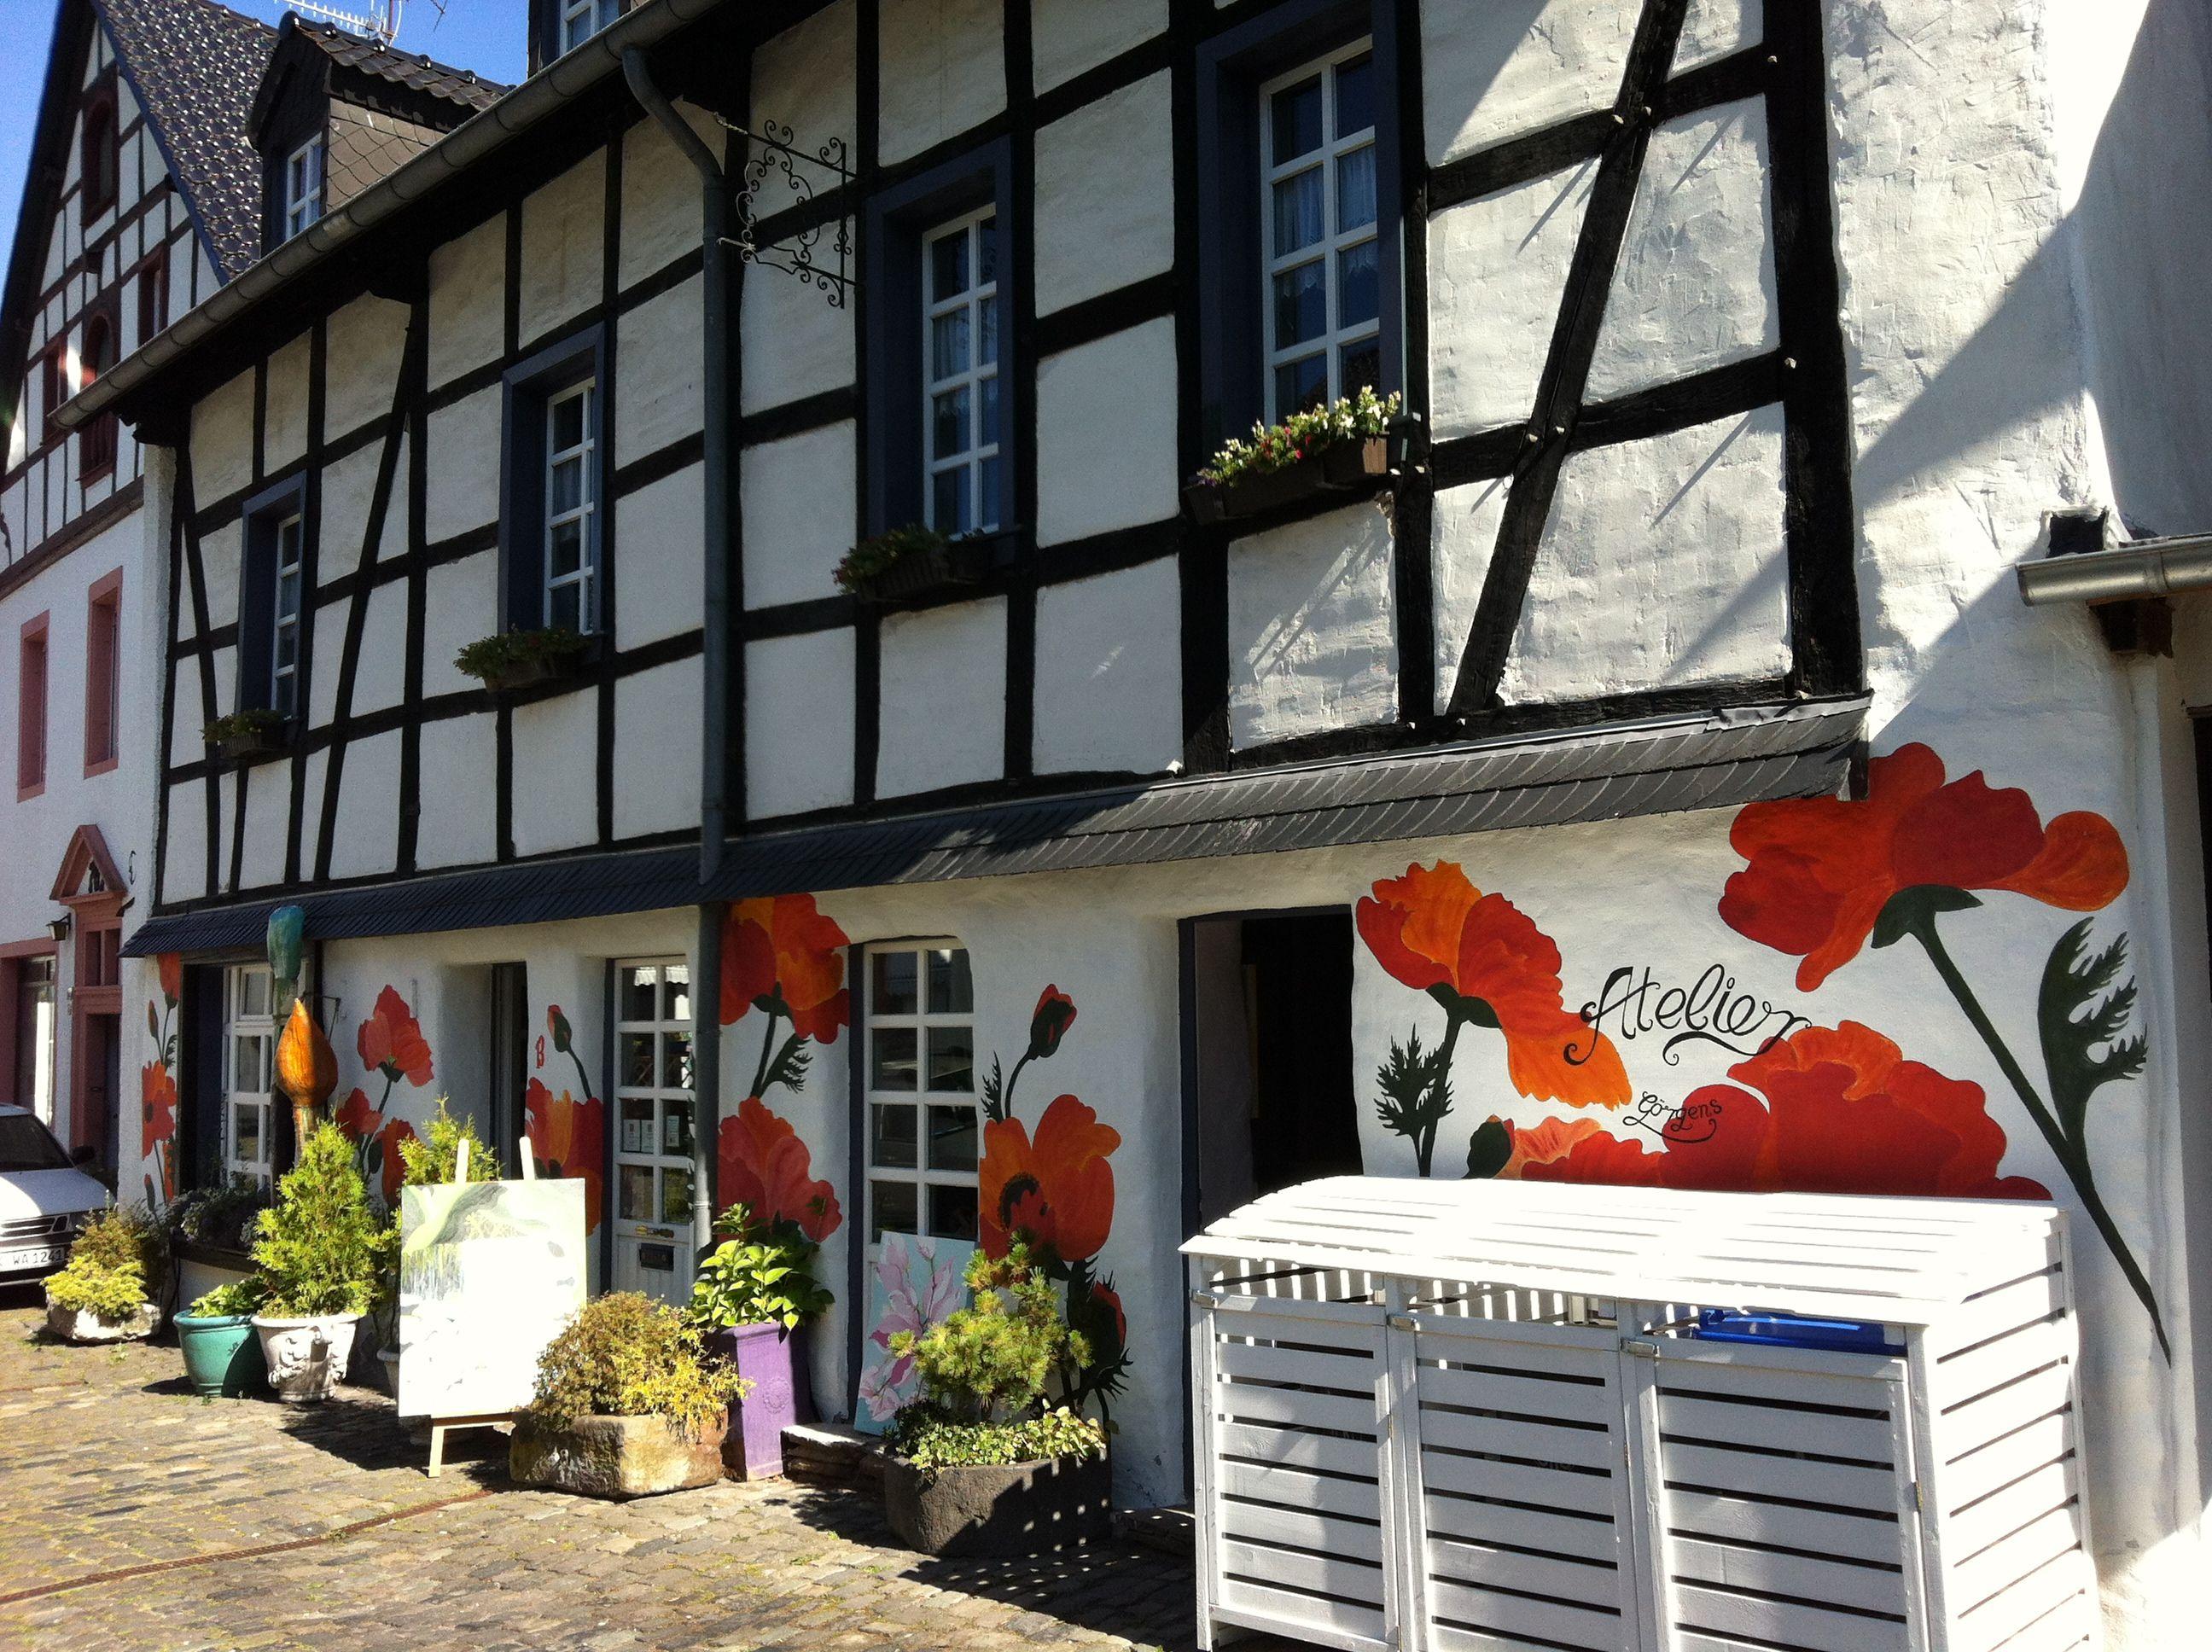 Blankenheim (Nordrhein-Westfalen)